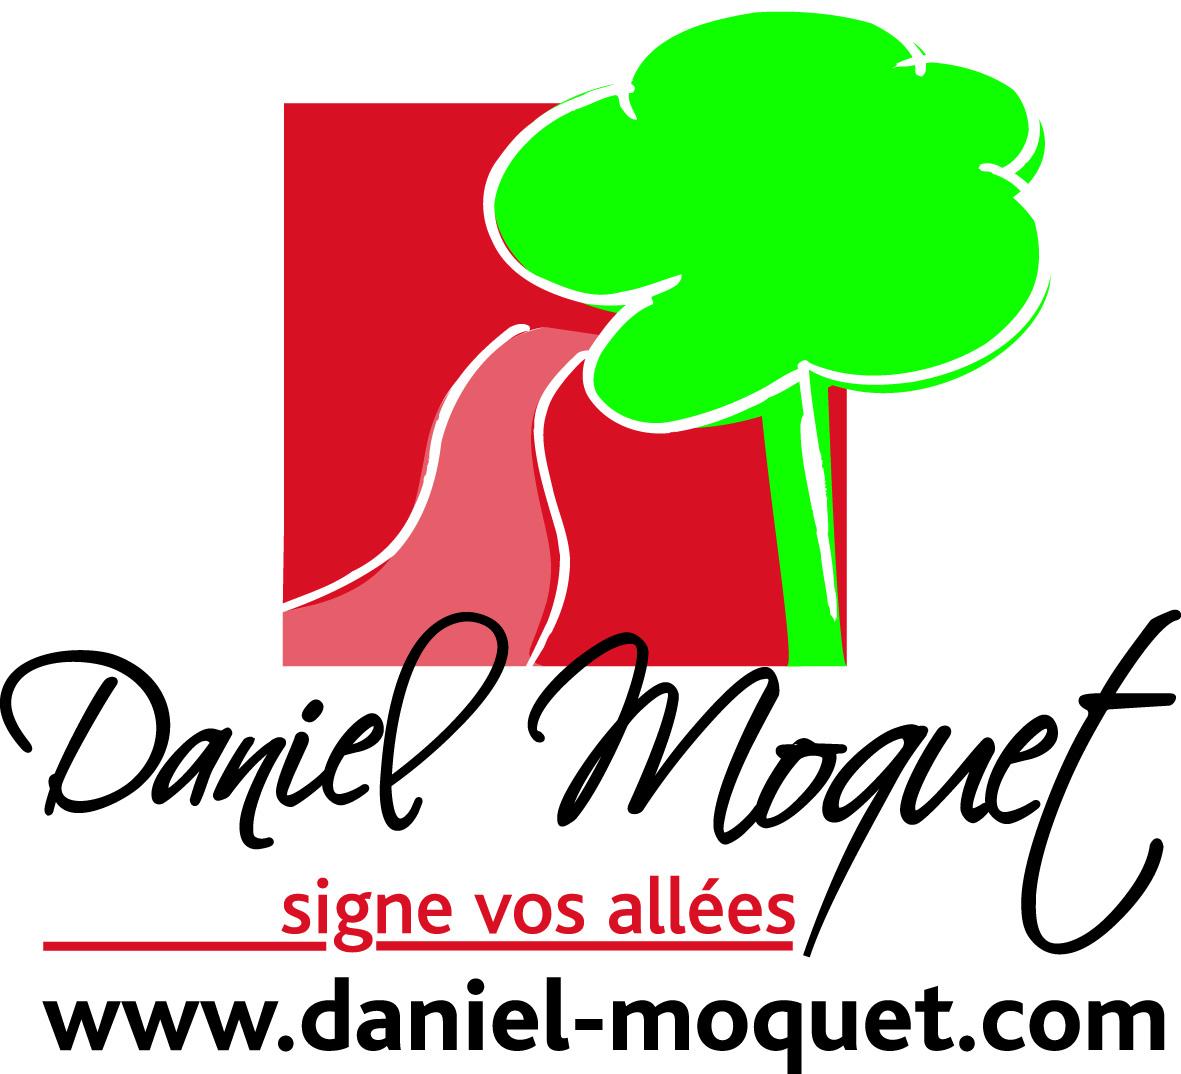 Daniel Moquet signe vos allées - Ent. Labro